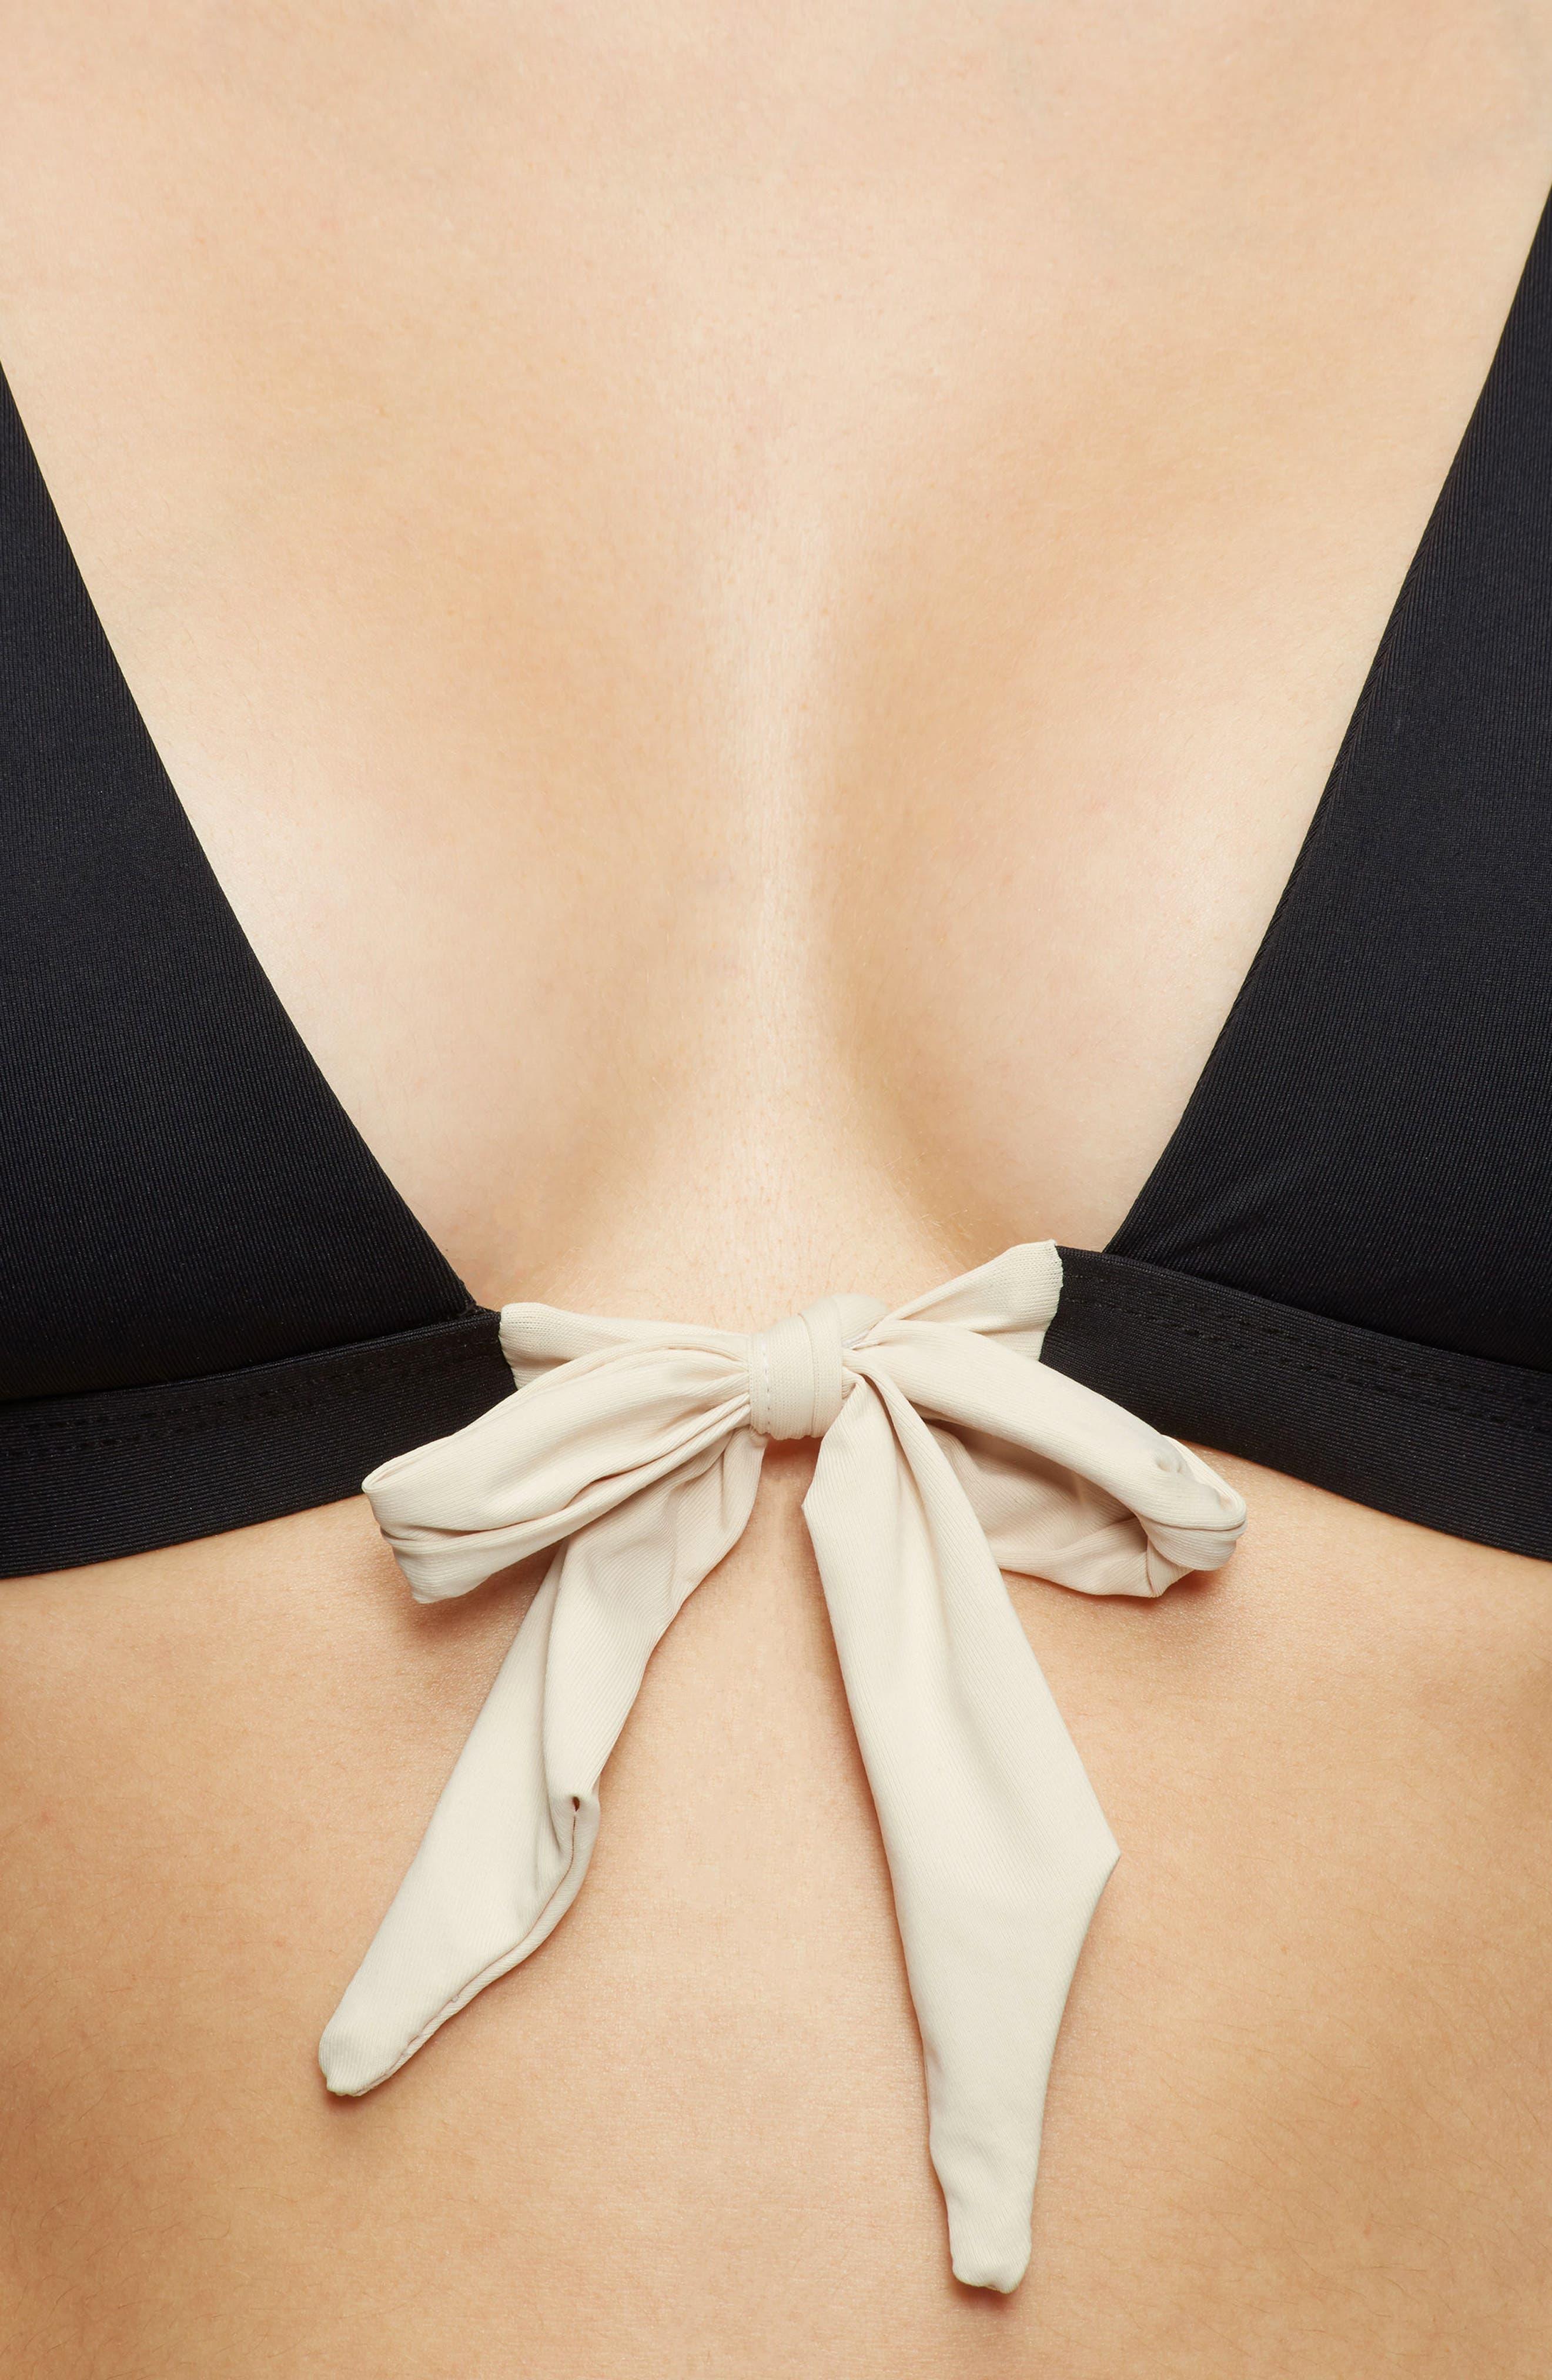 Caroline Bikini Top,                             Alternate thumbnail 4, color,                             001